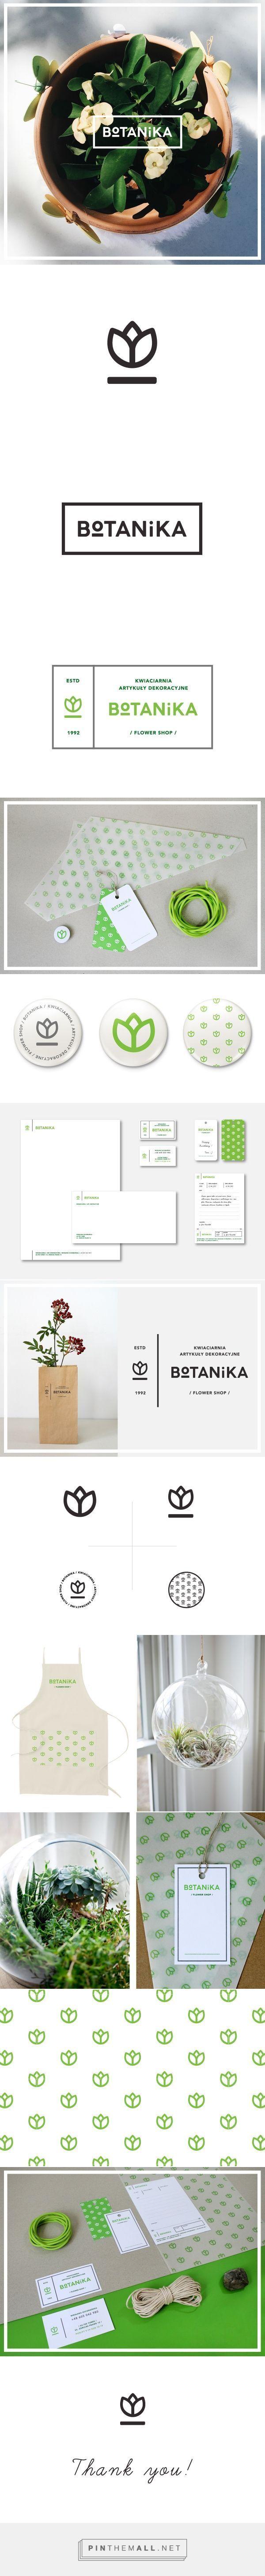 Logos Botanika | flower shop on Behance More